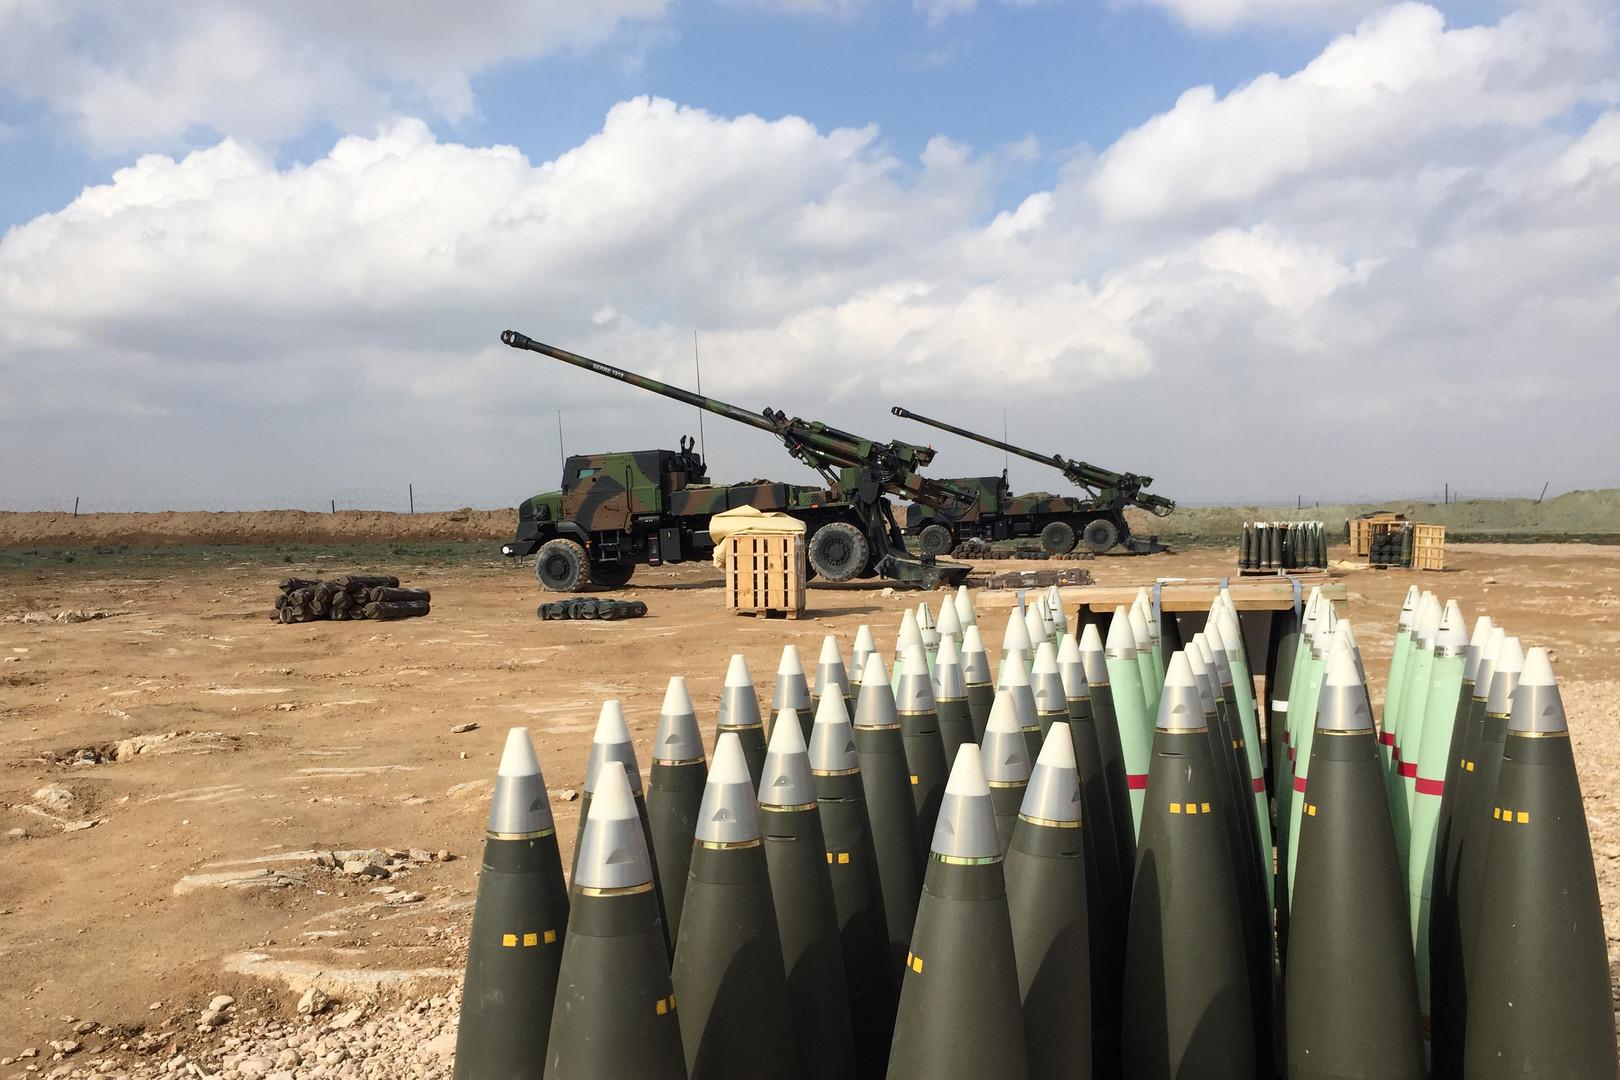 هولاند: سنرسل سلاح مدفعية إلى العراق - صفحة 4 5c602d9d95a59716748b45e9